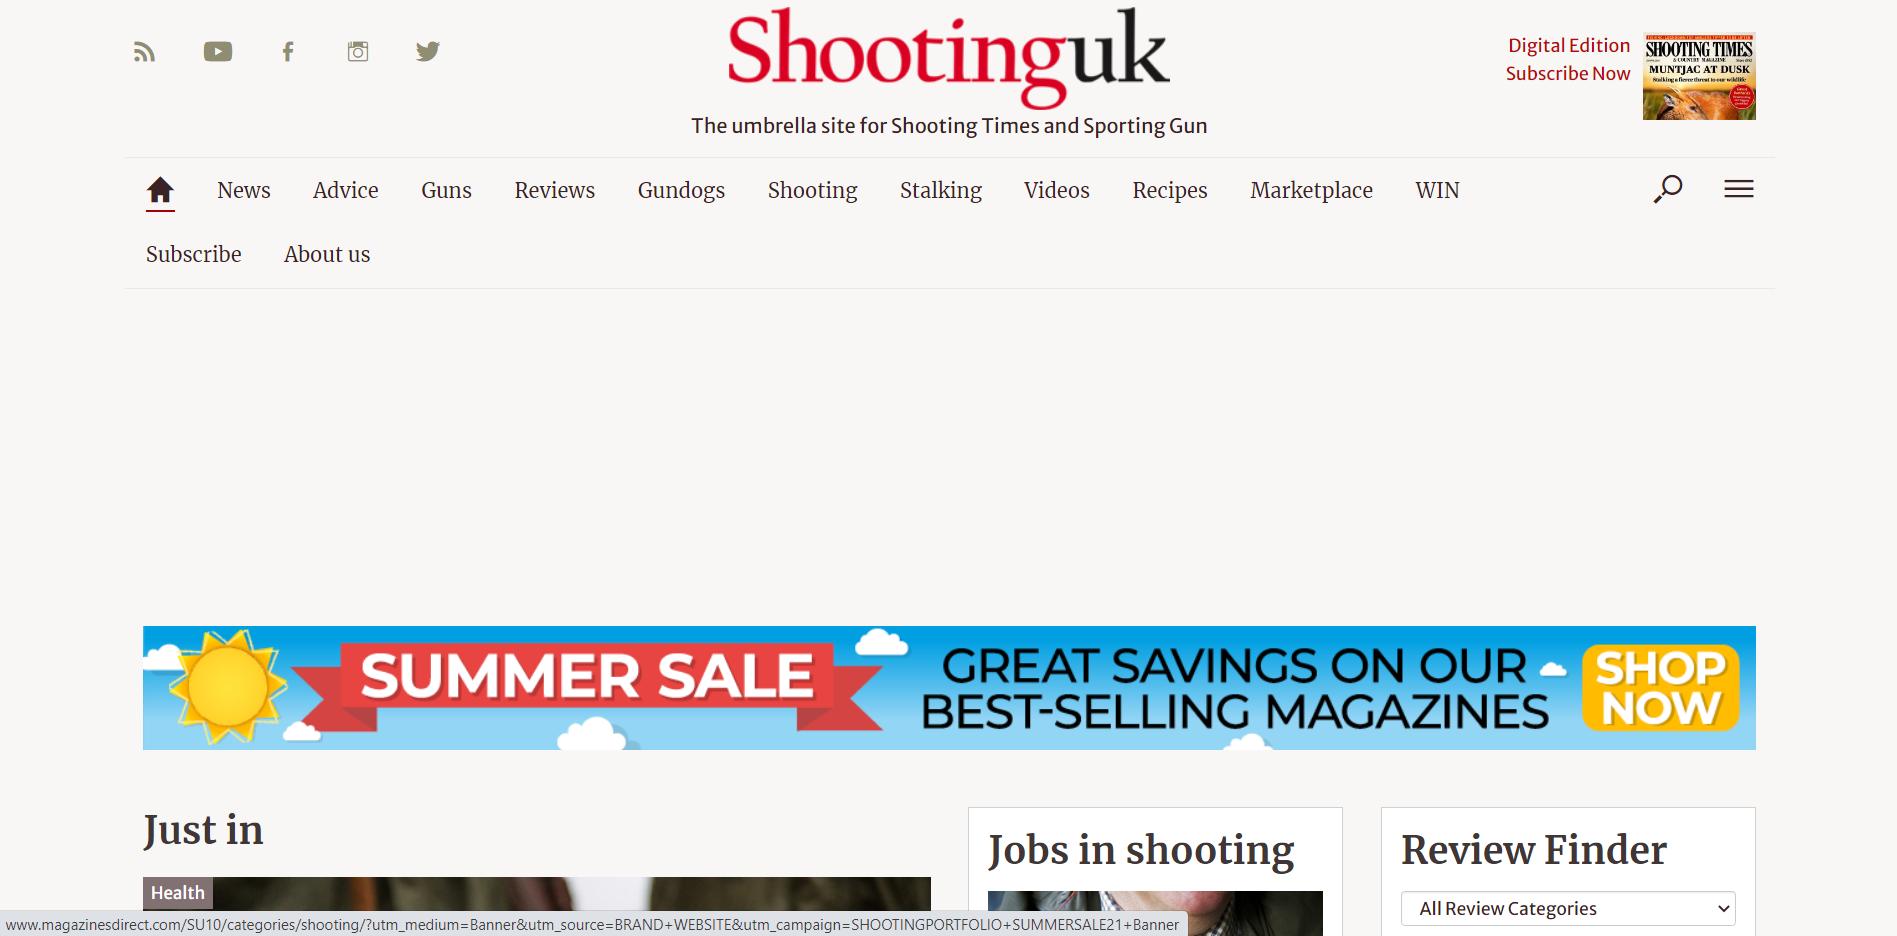 Shooting UK